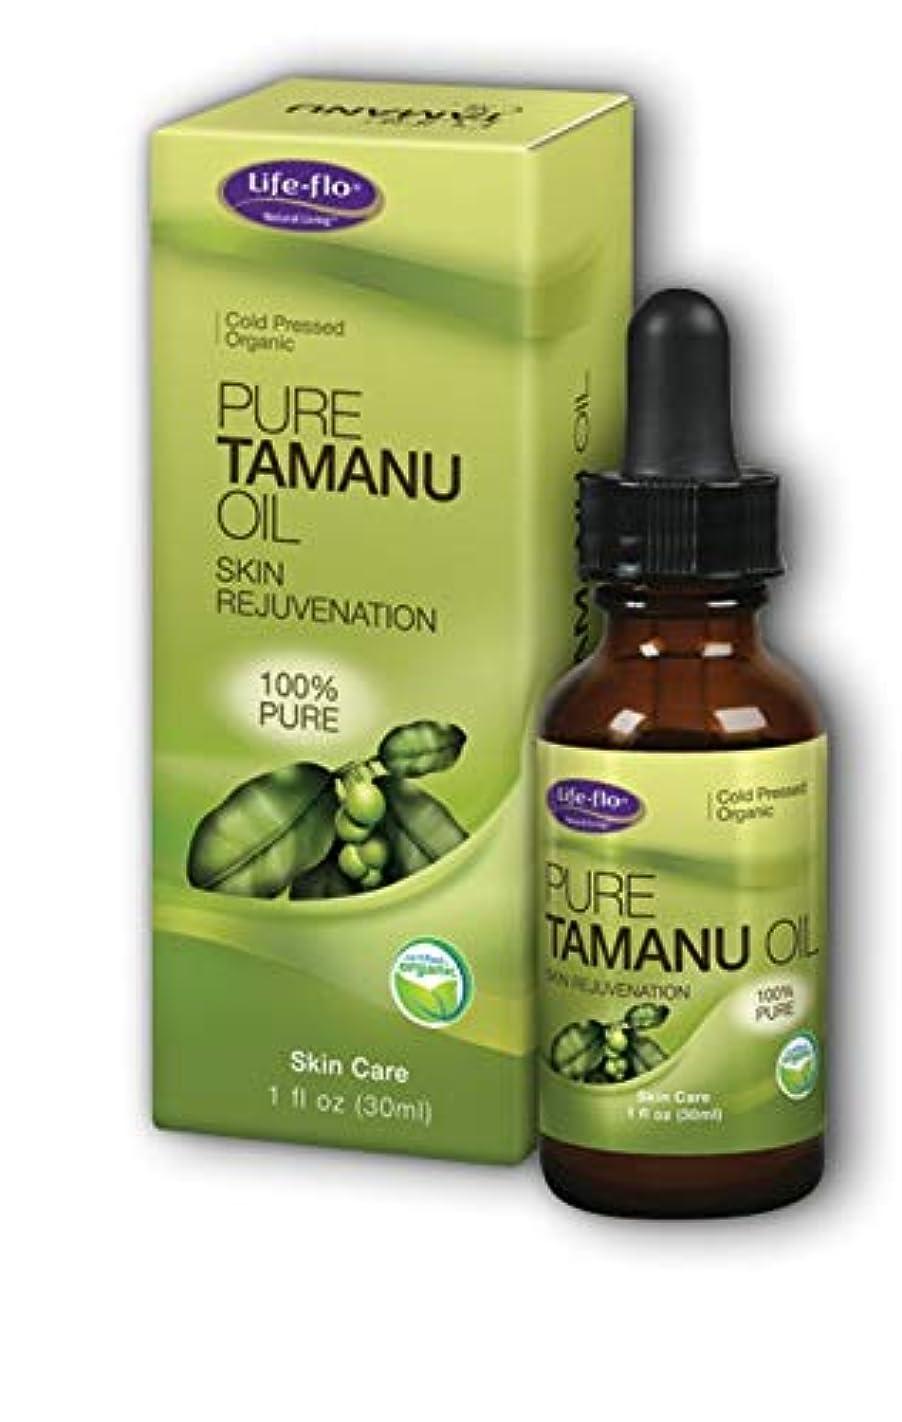 ウィザードお酒調和Life Flo Health - Pure Tamanu Oil 28g - ピュア?タマヌオイル 海外直送品